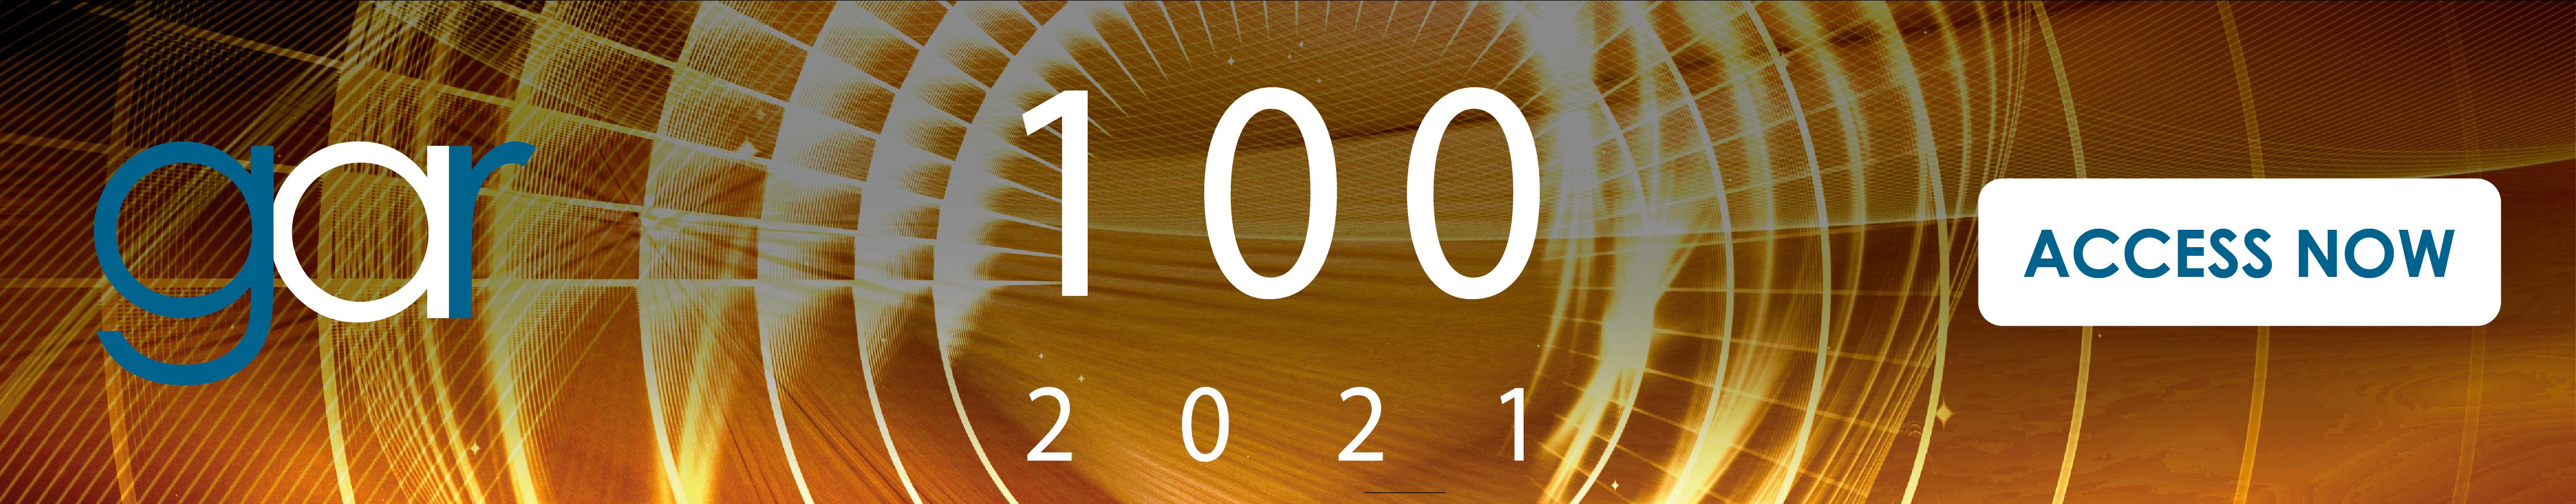 GAR 100